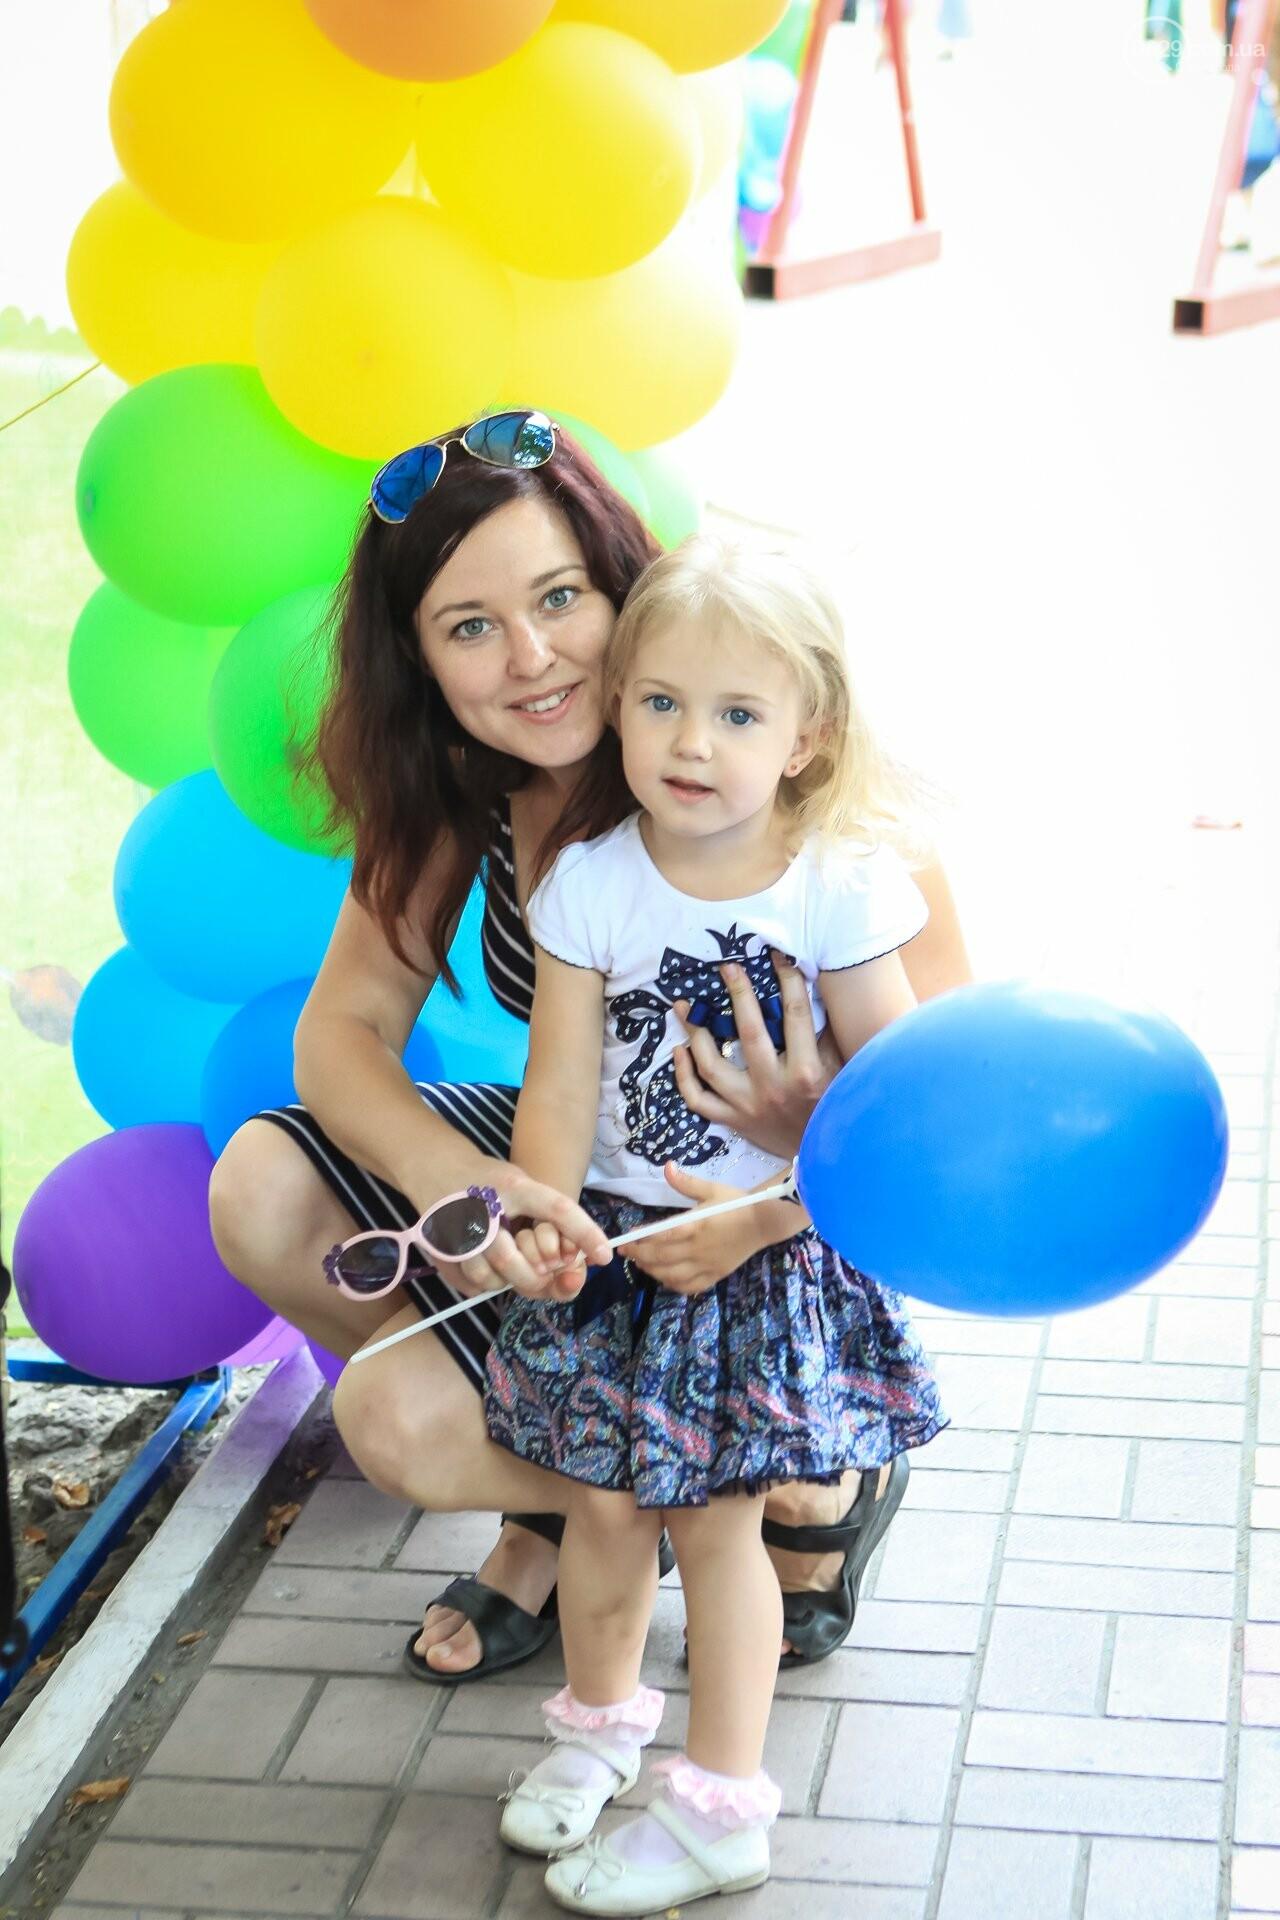 Мариупольцы получили 100% ярких впечатлений на Празднике Мороженого от компании «РУДЬ», фото-9